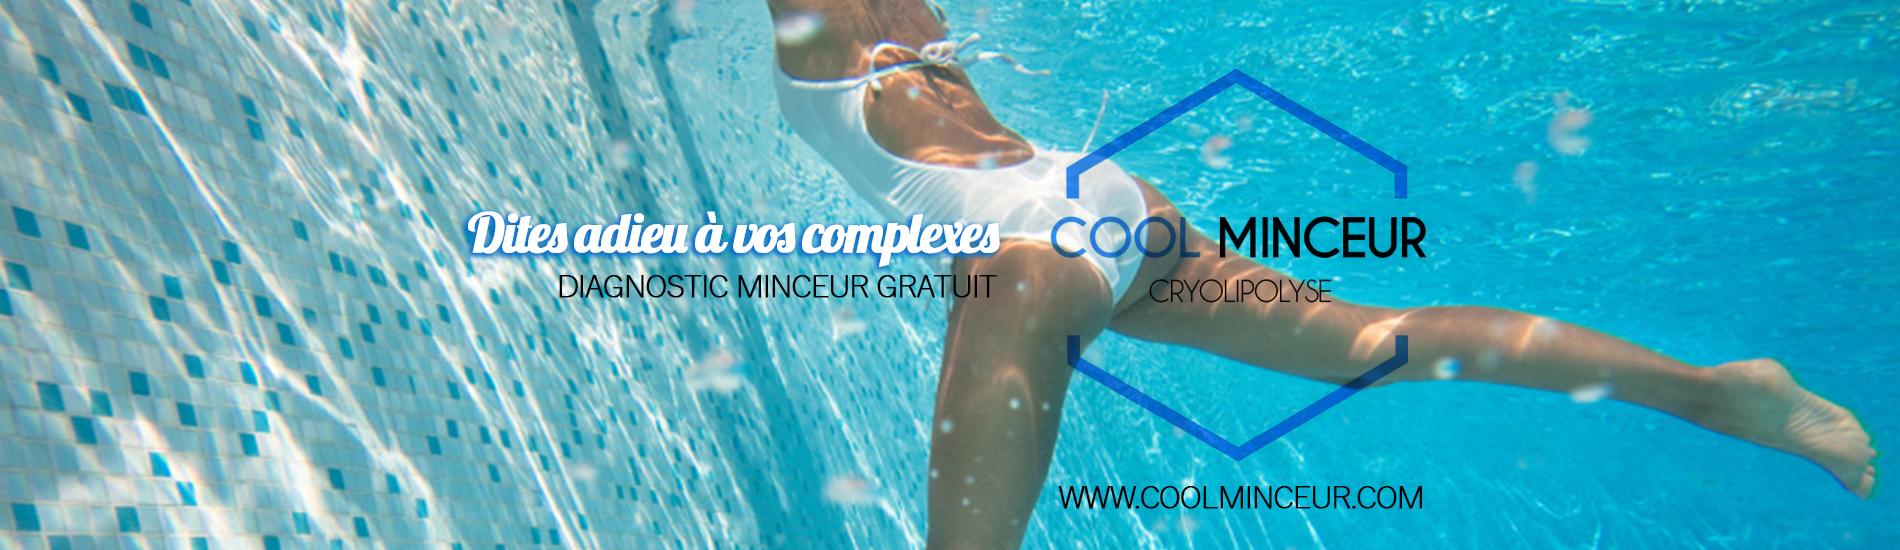 coolminceur_1900x550